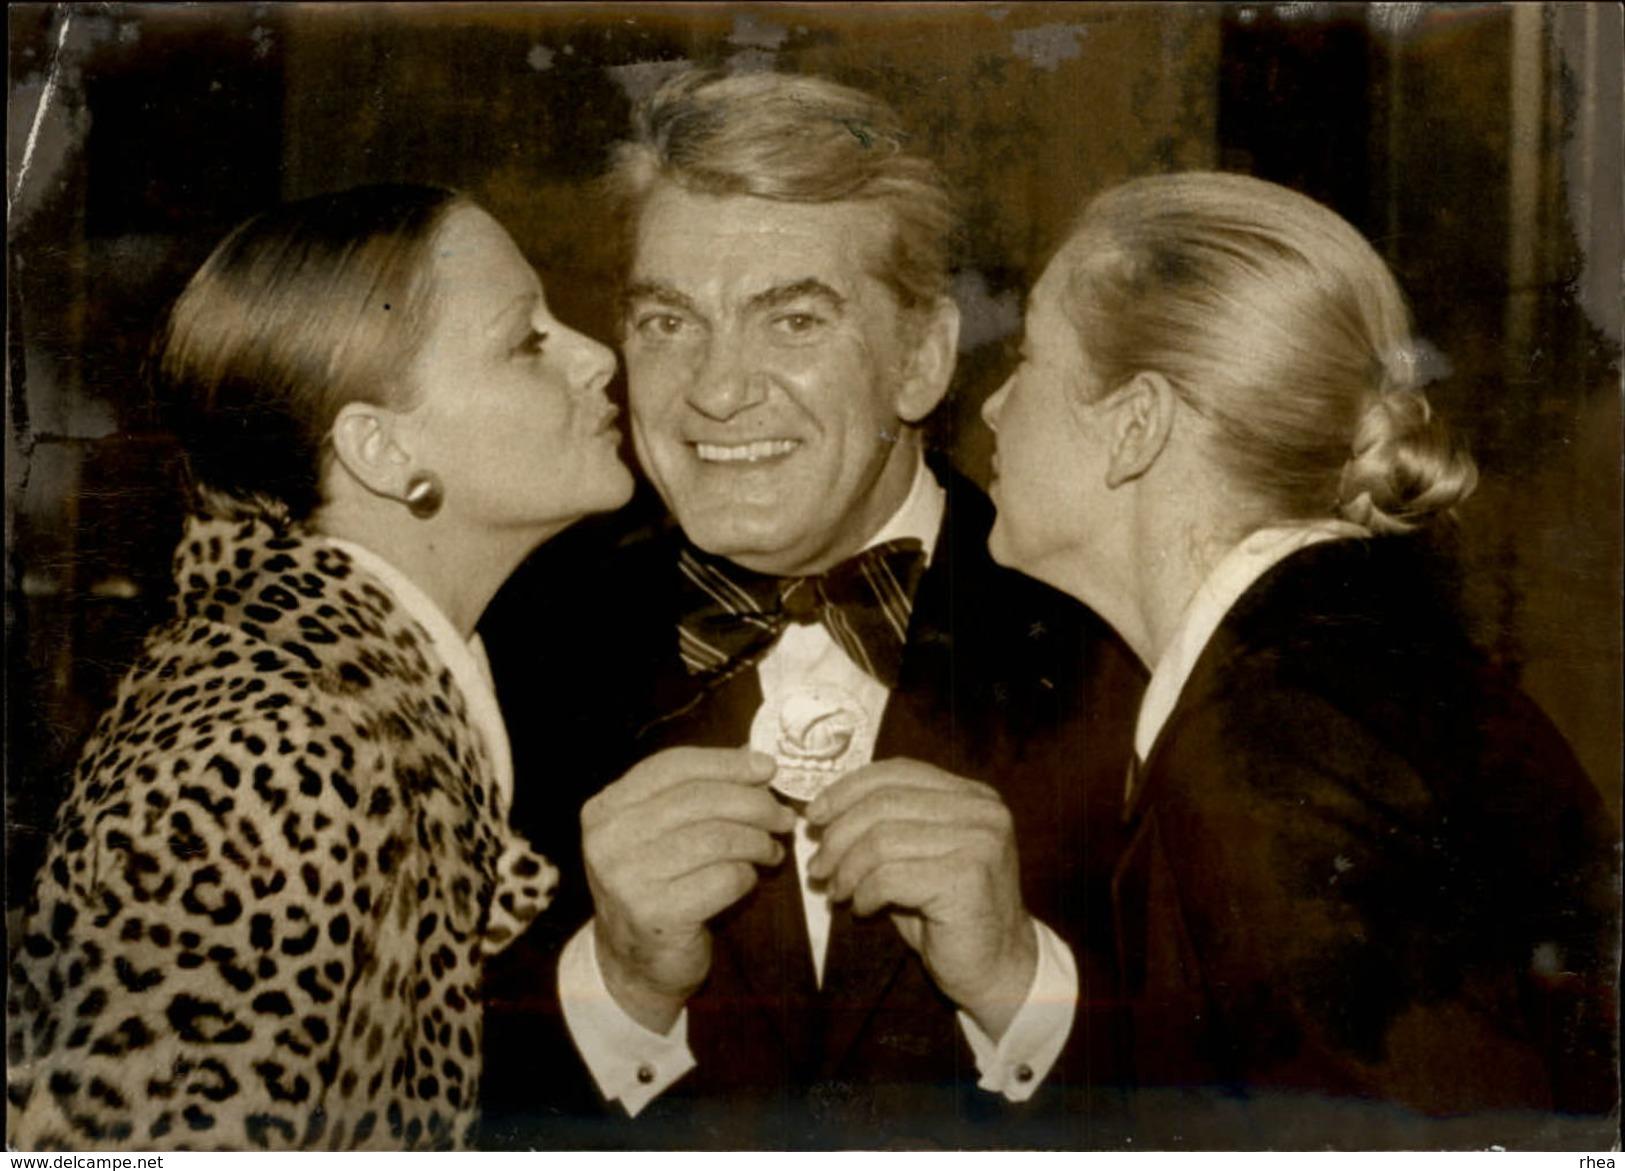 PHOTO - Photo De Presse - Acteurs - JEAN MARAIS - 1973 - Célébrités